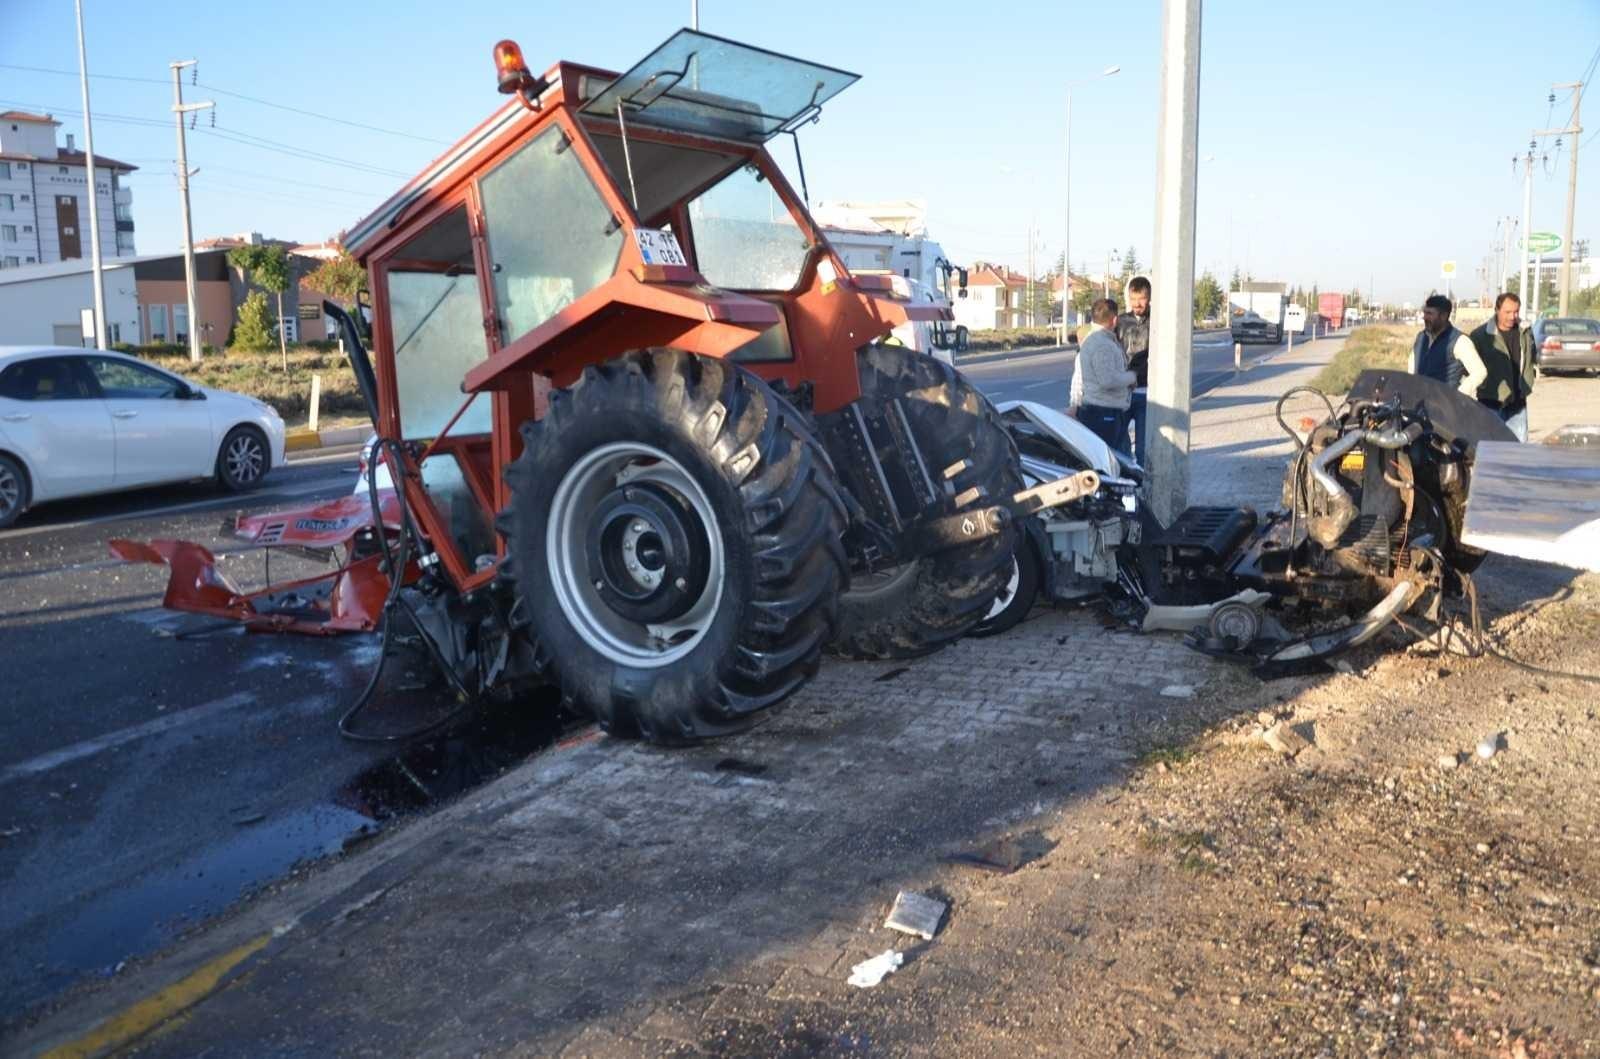 2021/10/kavsakta-tirin-ve-otomobilin-carptigi-traktor-ikiye-bolundu-1-olu-2-yarali-20211004AW43-1.jpg